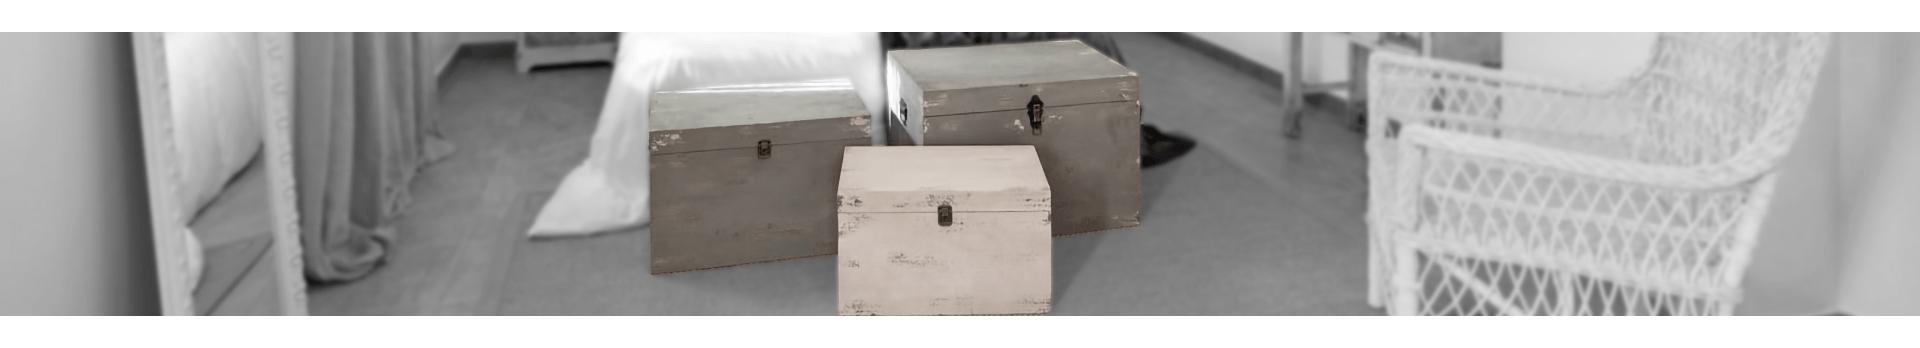 Baúles y Arcones | Ordenación | Mobelfy ®